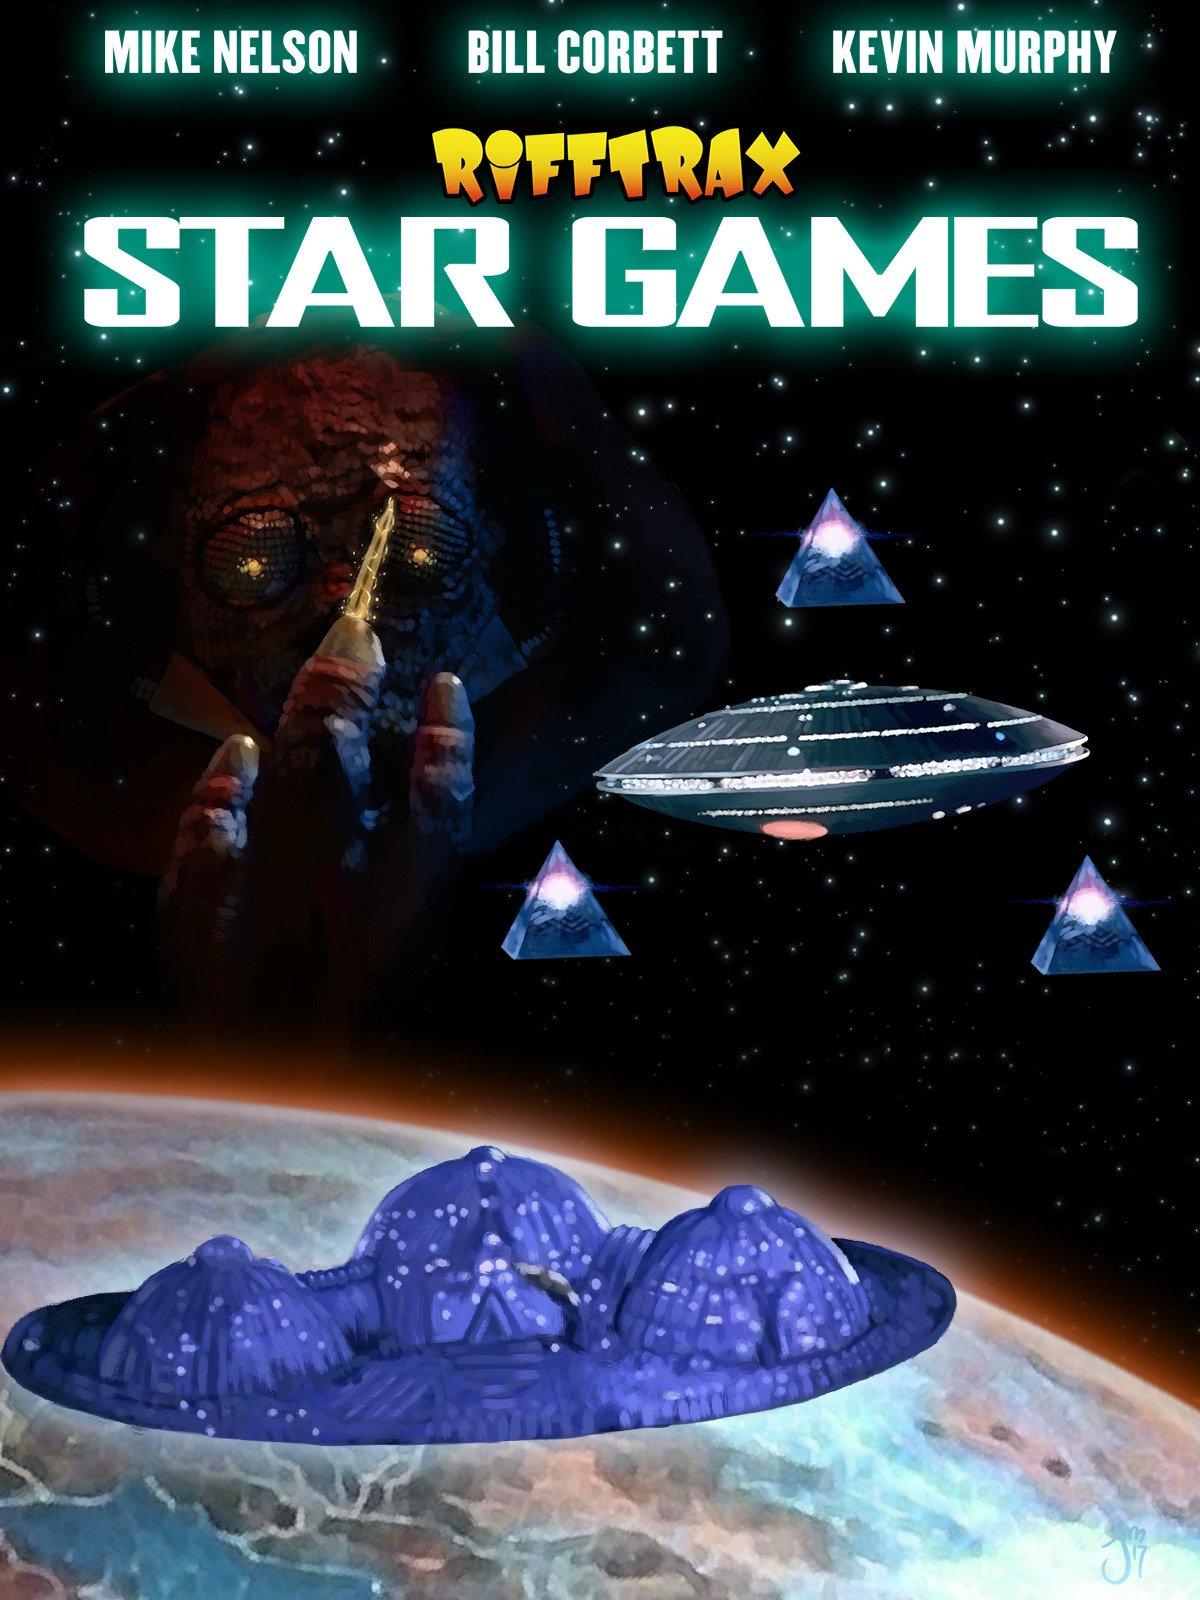 RiffTrax: Star Games